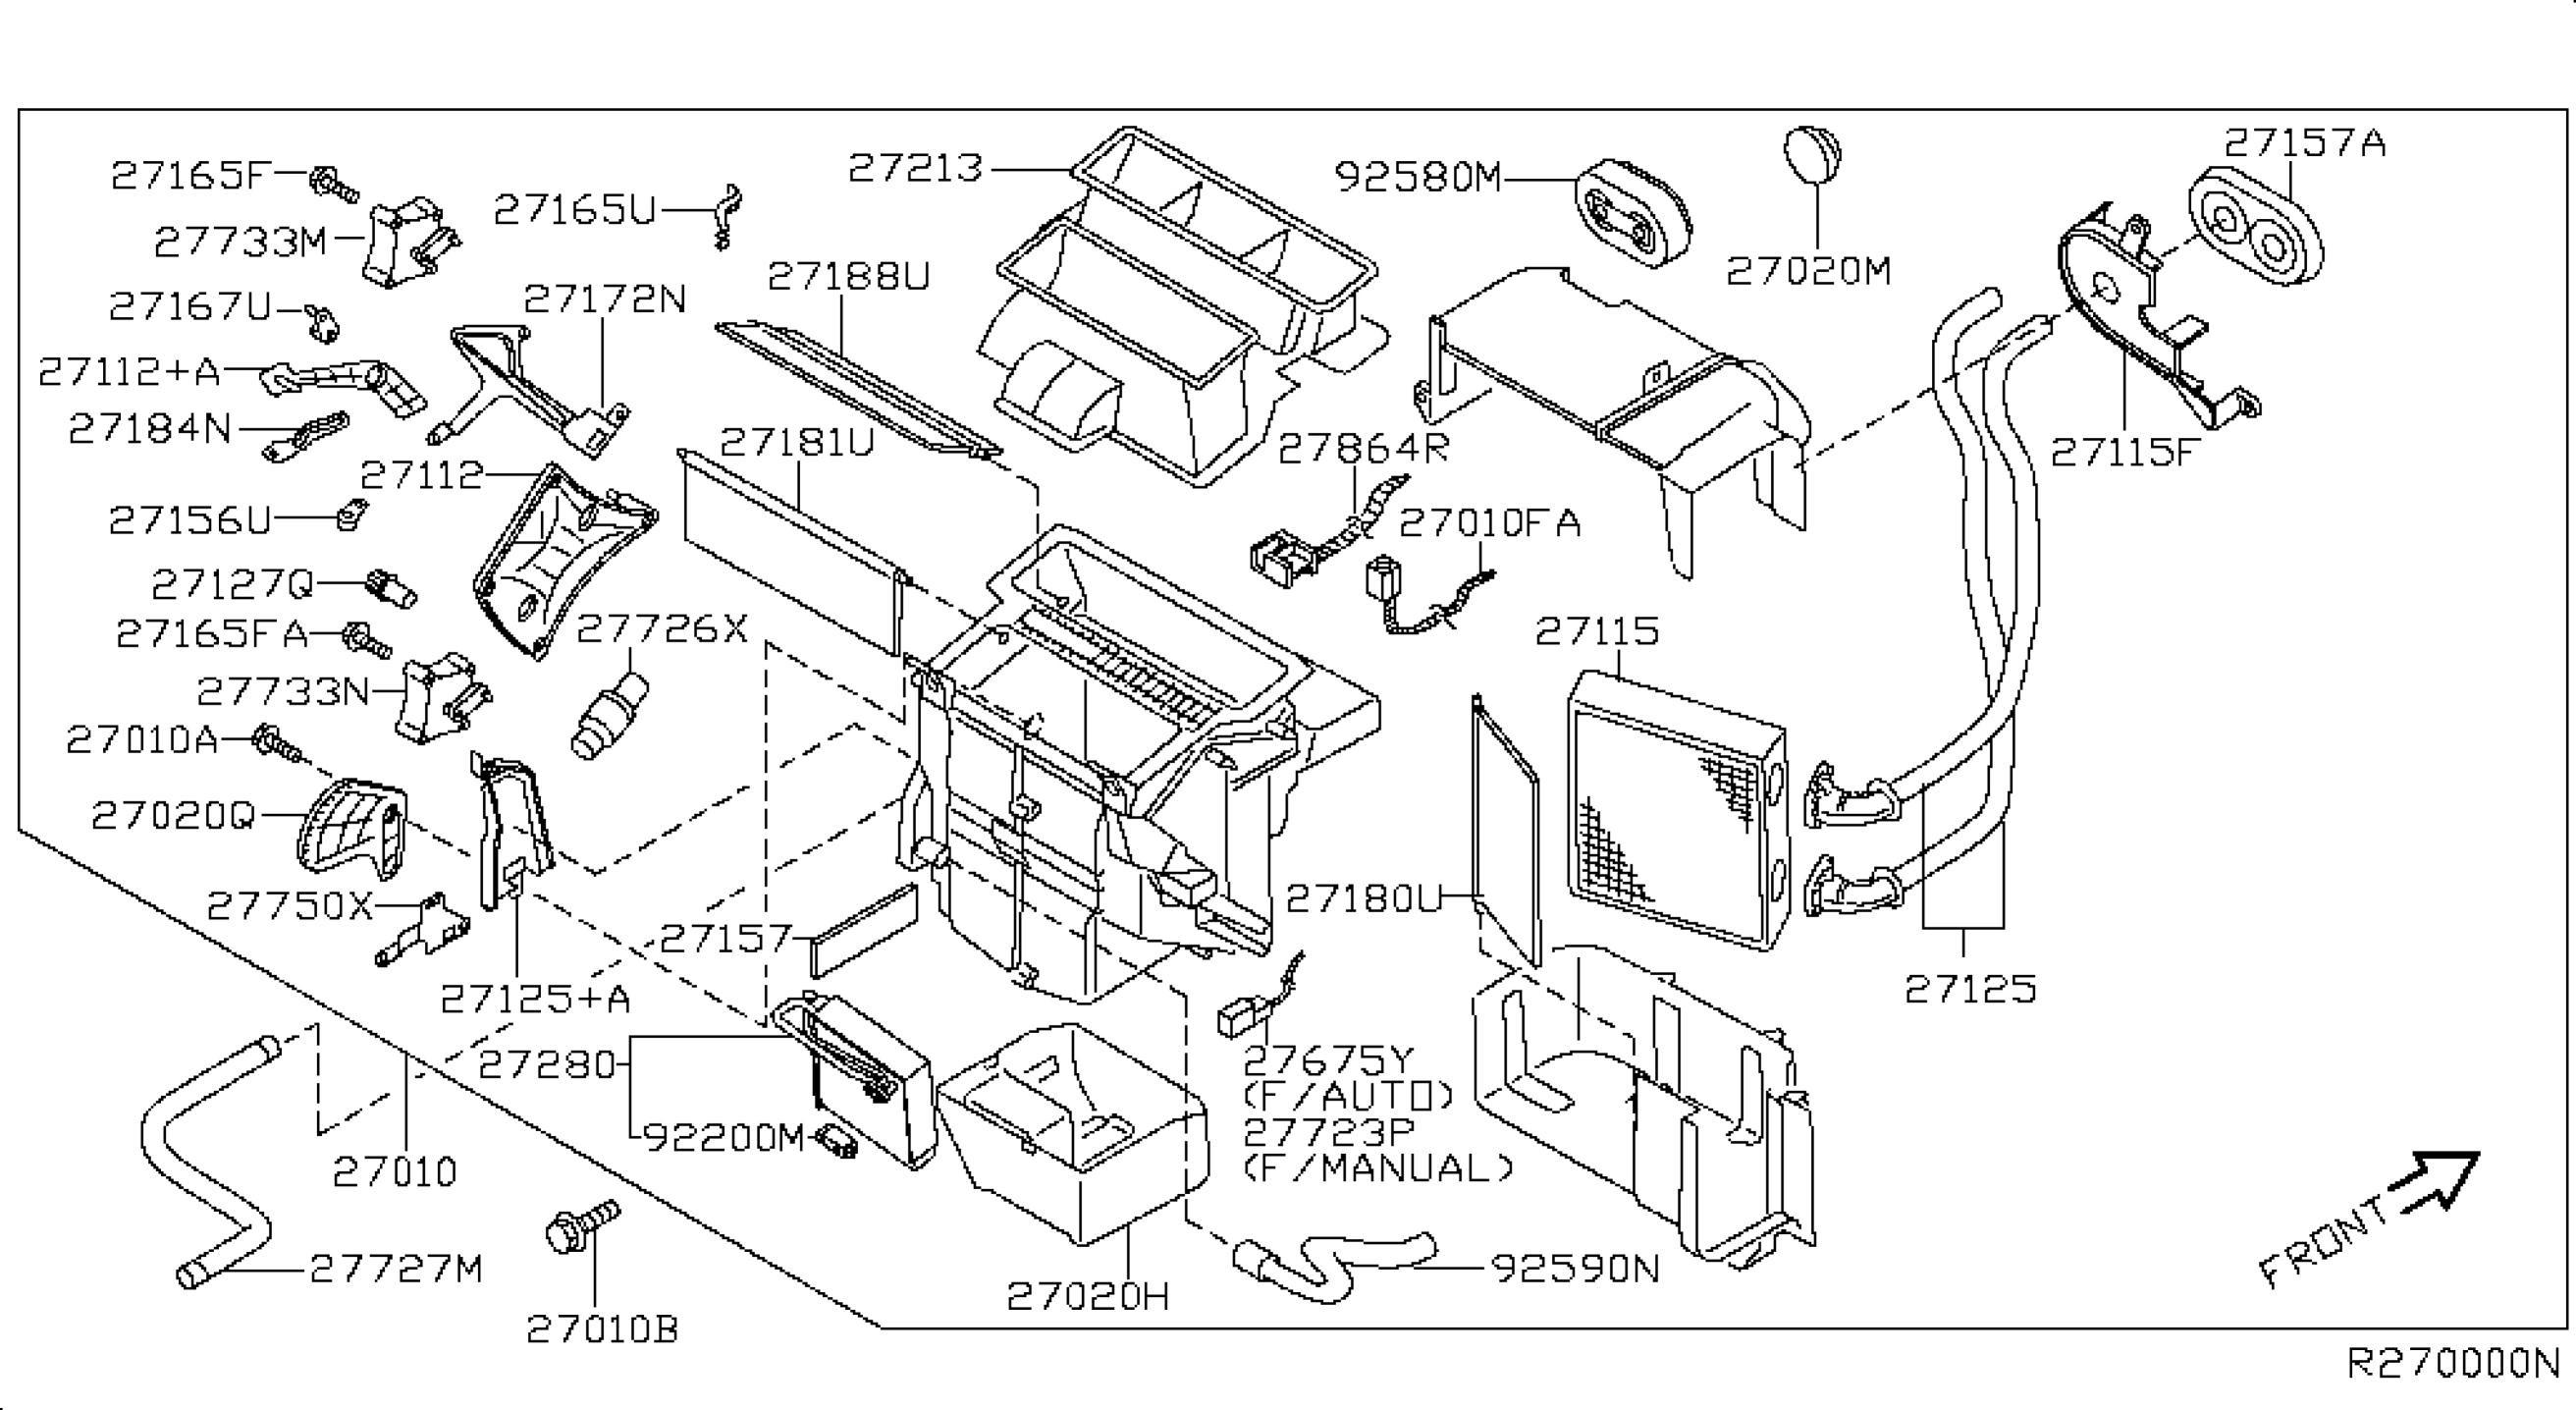 2000 altima engine diagram